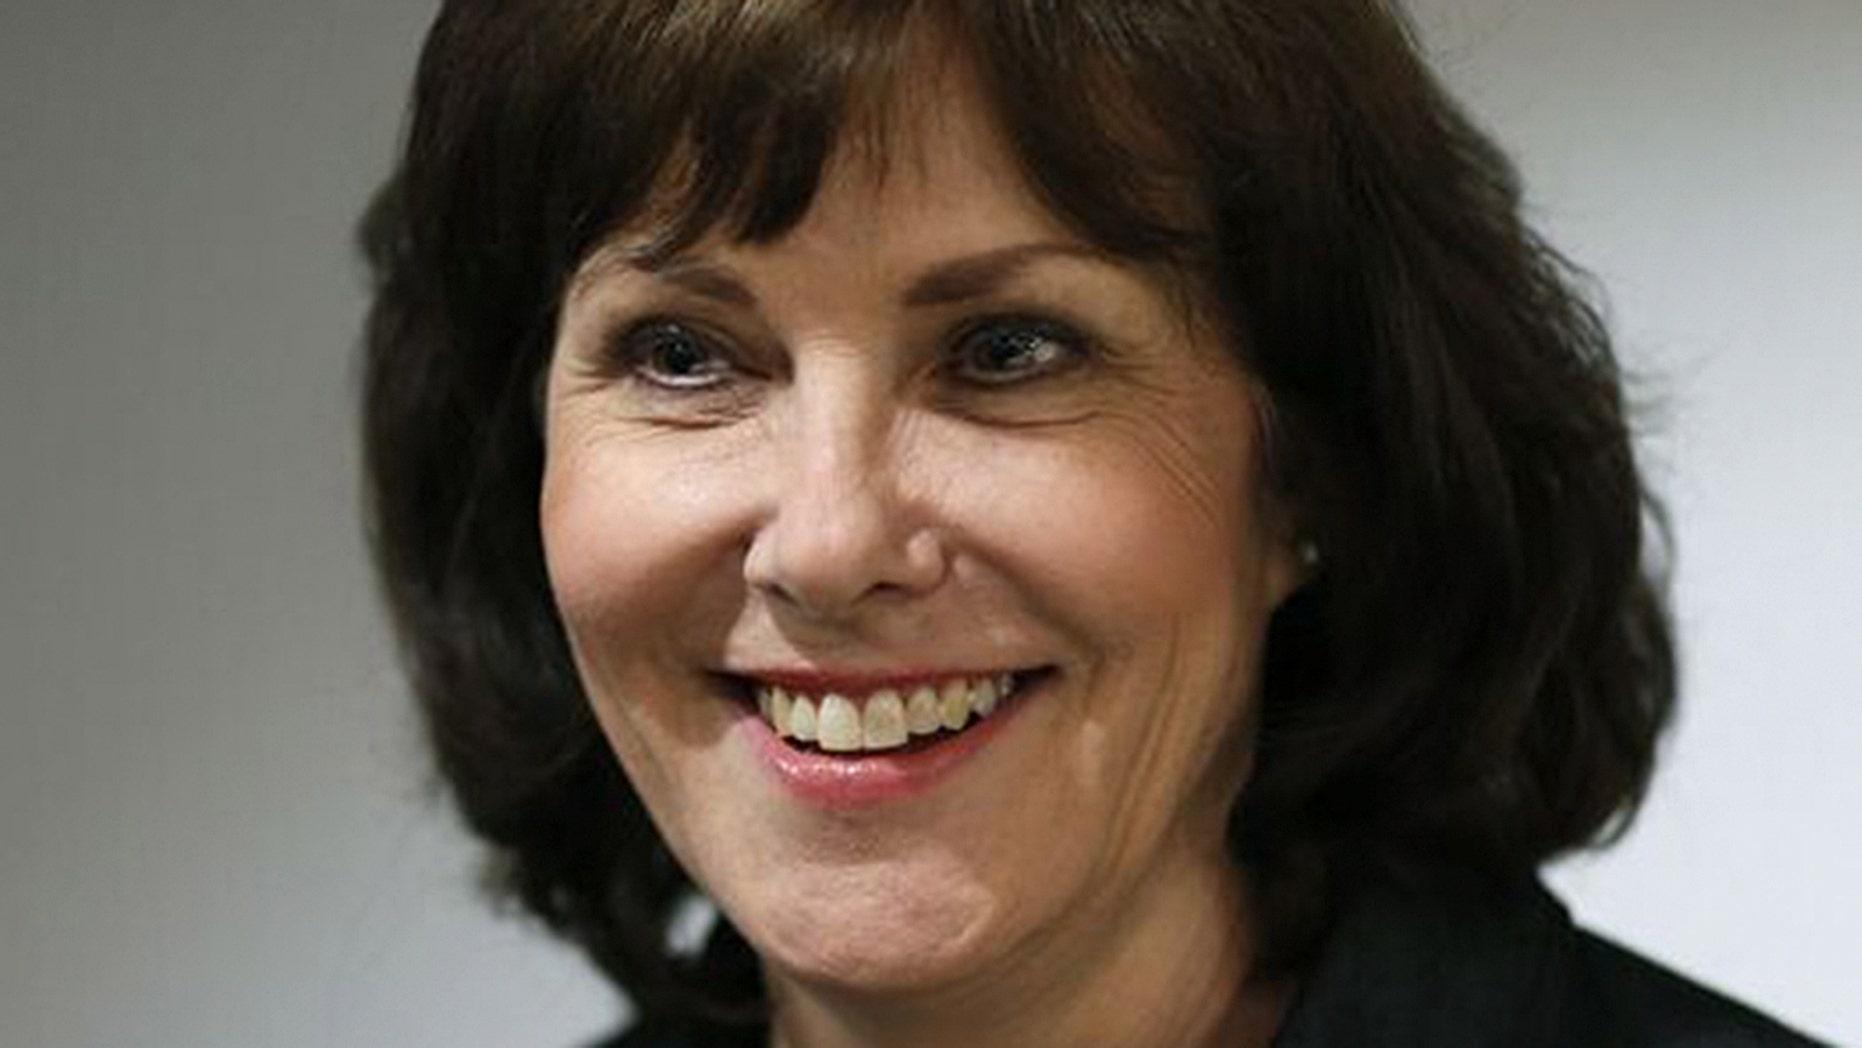 Rep. Jacky Rosen is hoping to unseat incumbent Sen. Dean Heller in Nevada.